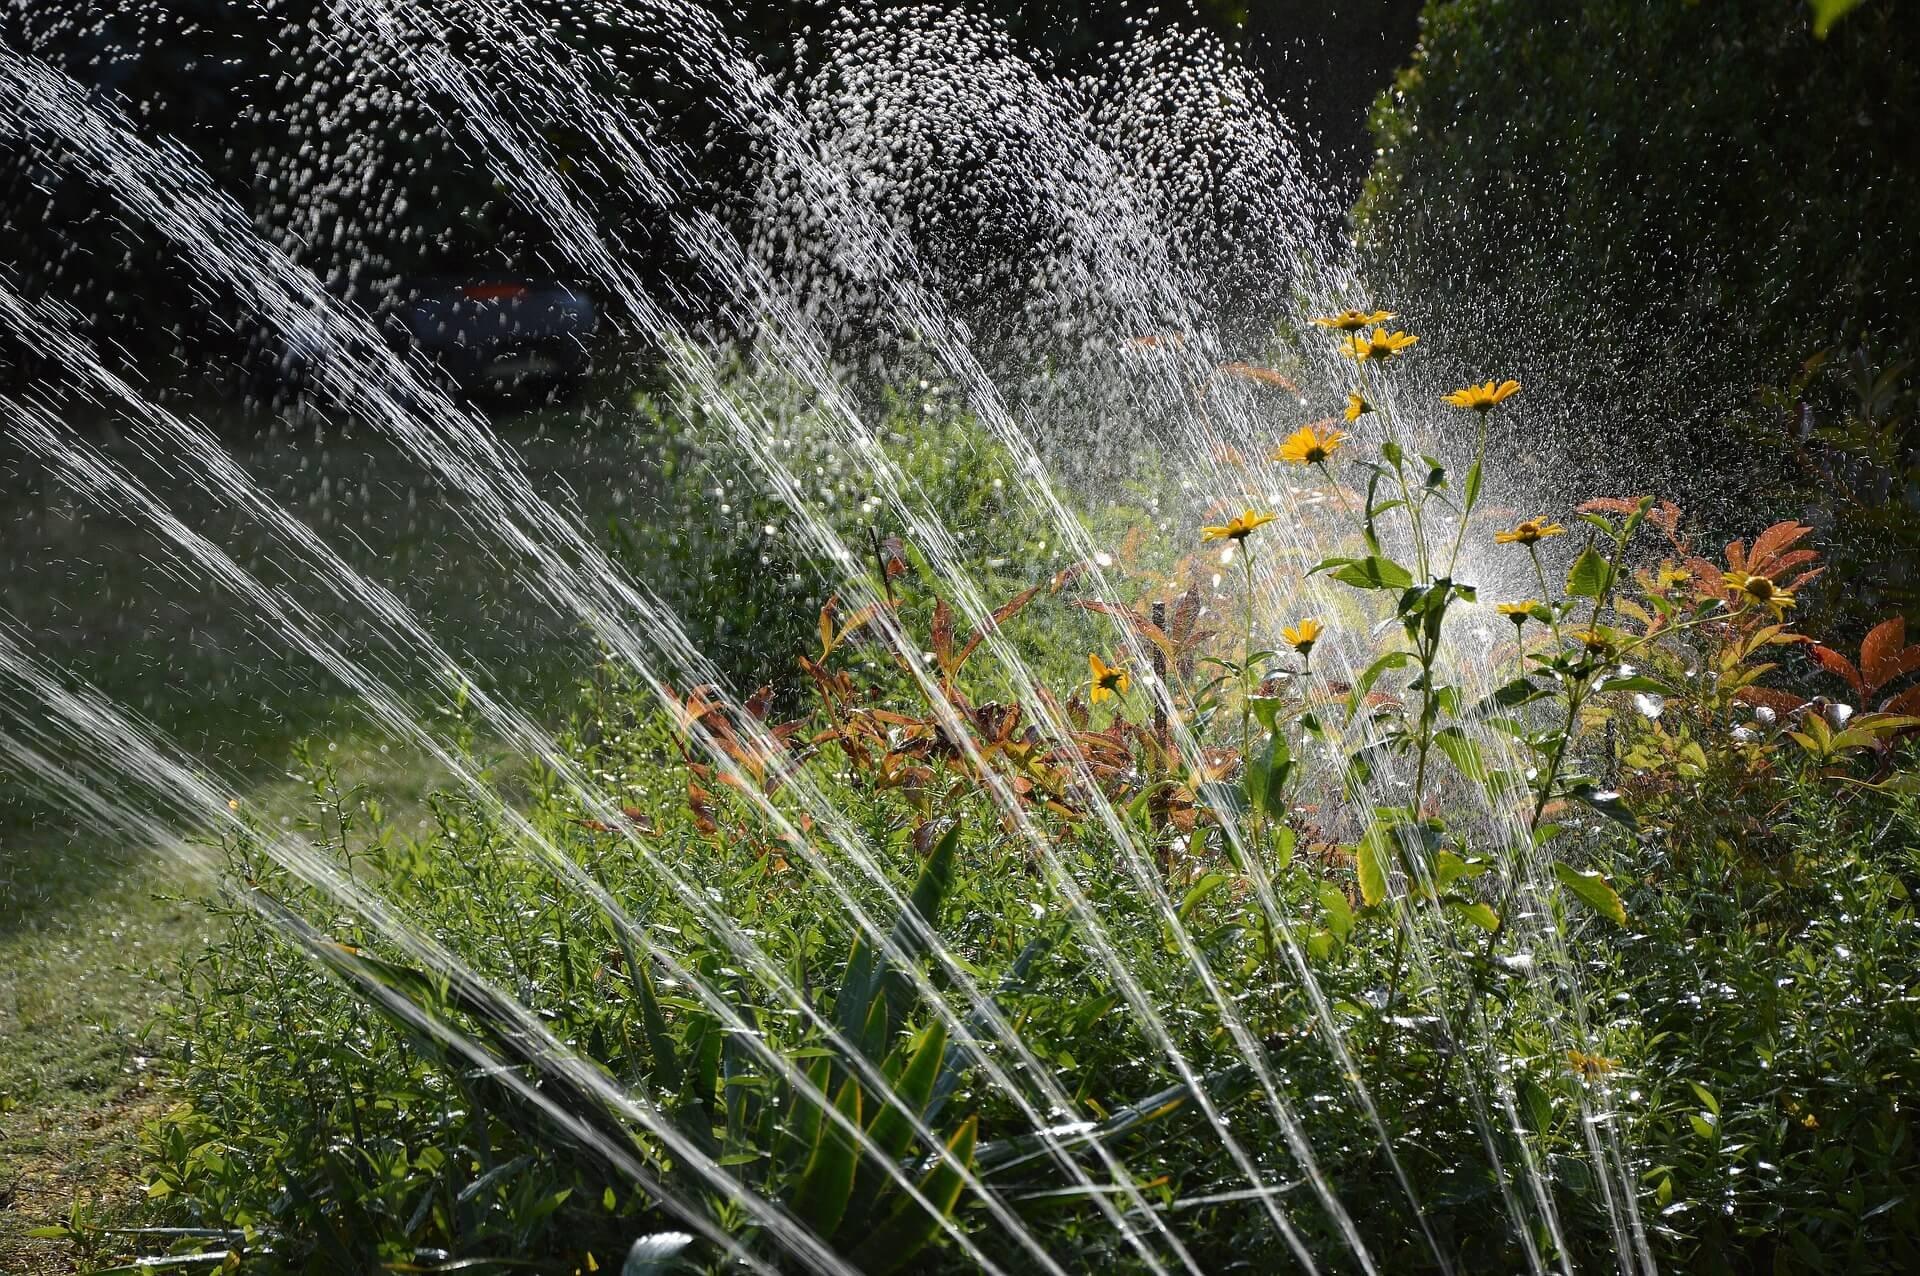 Sproei Installatie Tuin : Sproeisysteem tuin nijkerk pul techniek de expert in